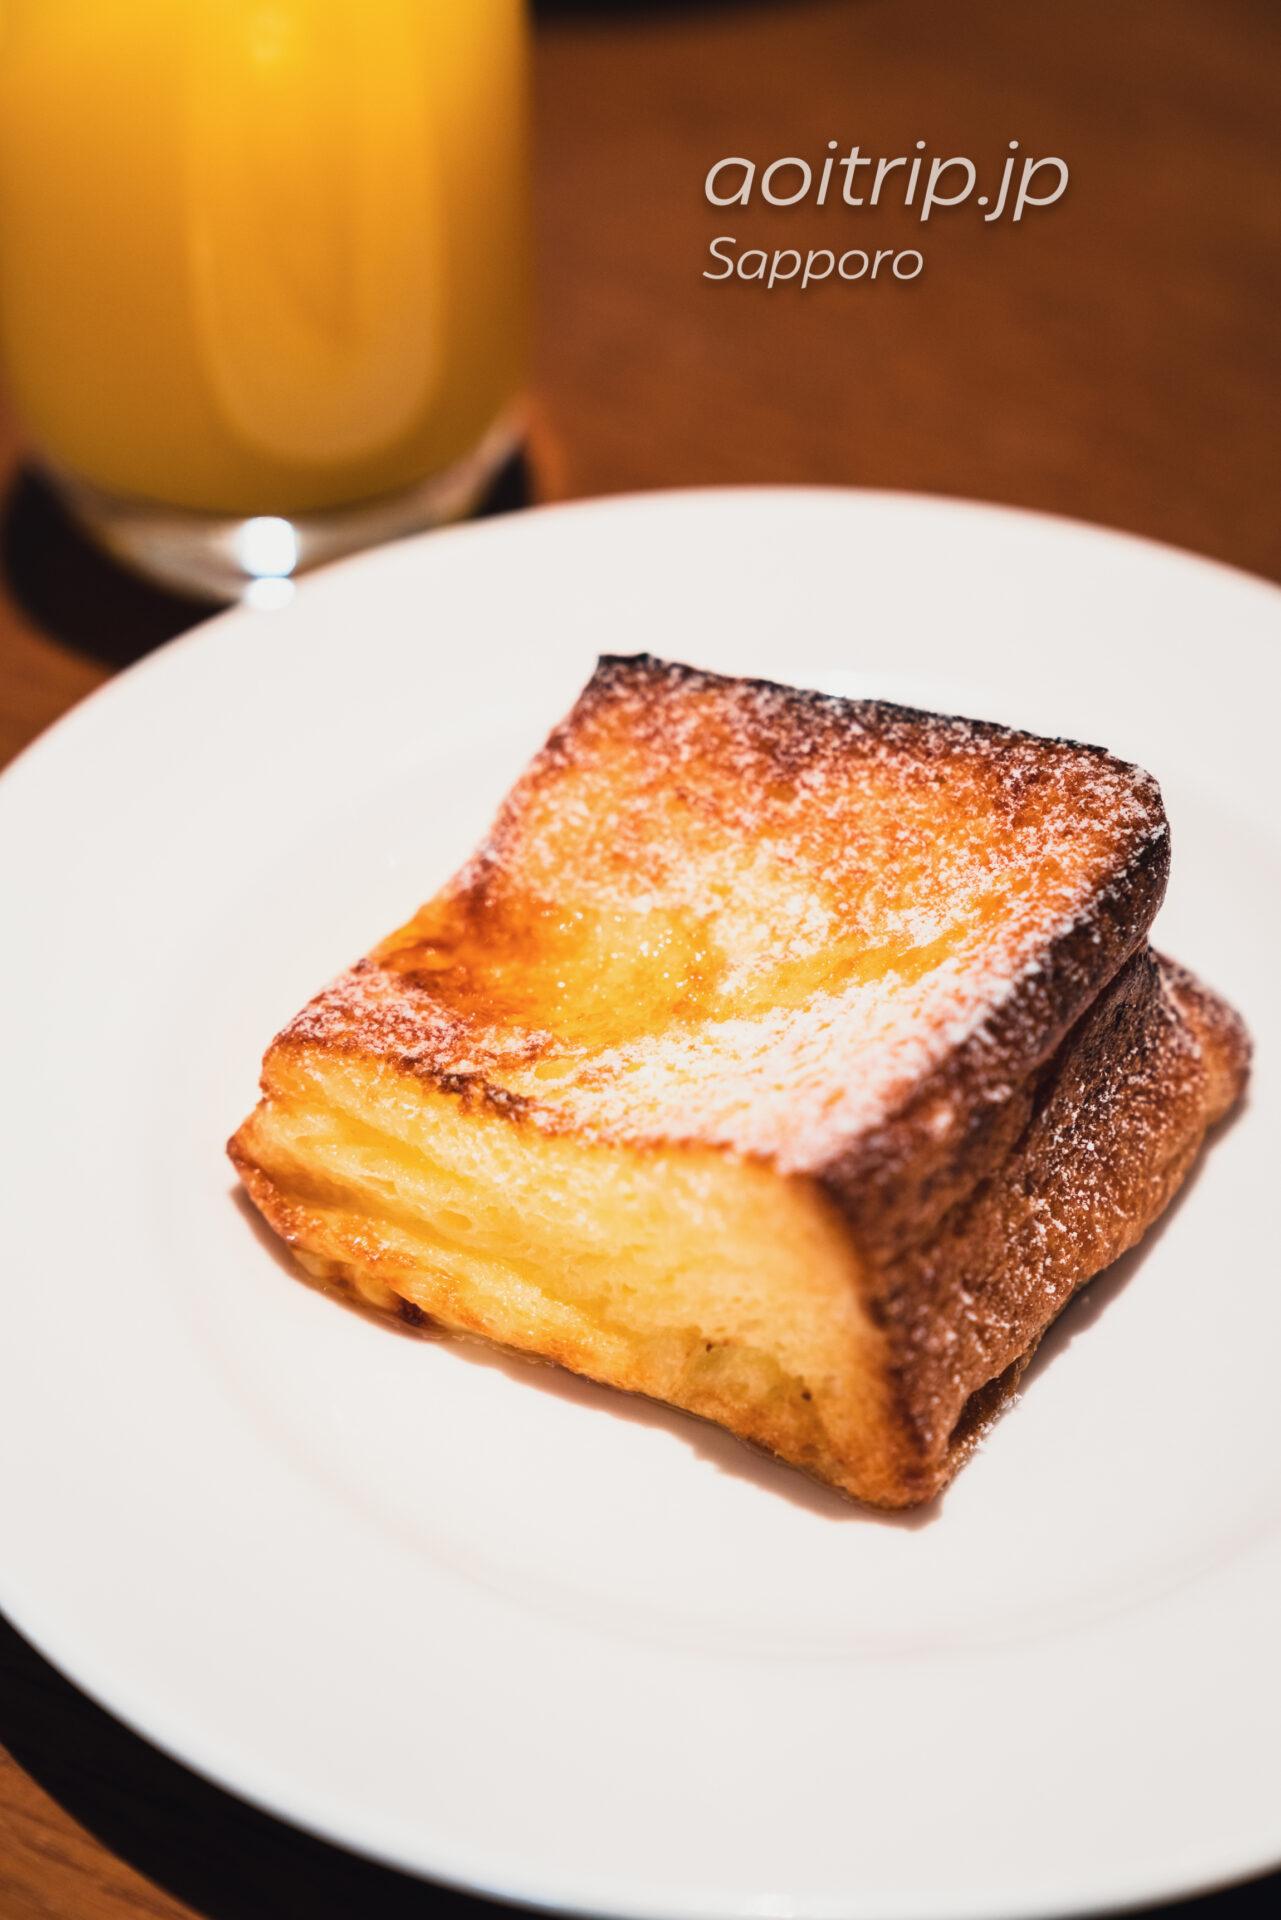 プレミアホテル中島公園 札幌 5Fのビストロ ラ・プロヴァンスの朝食 フレンチトースト